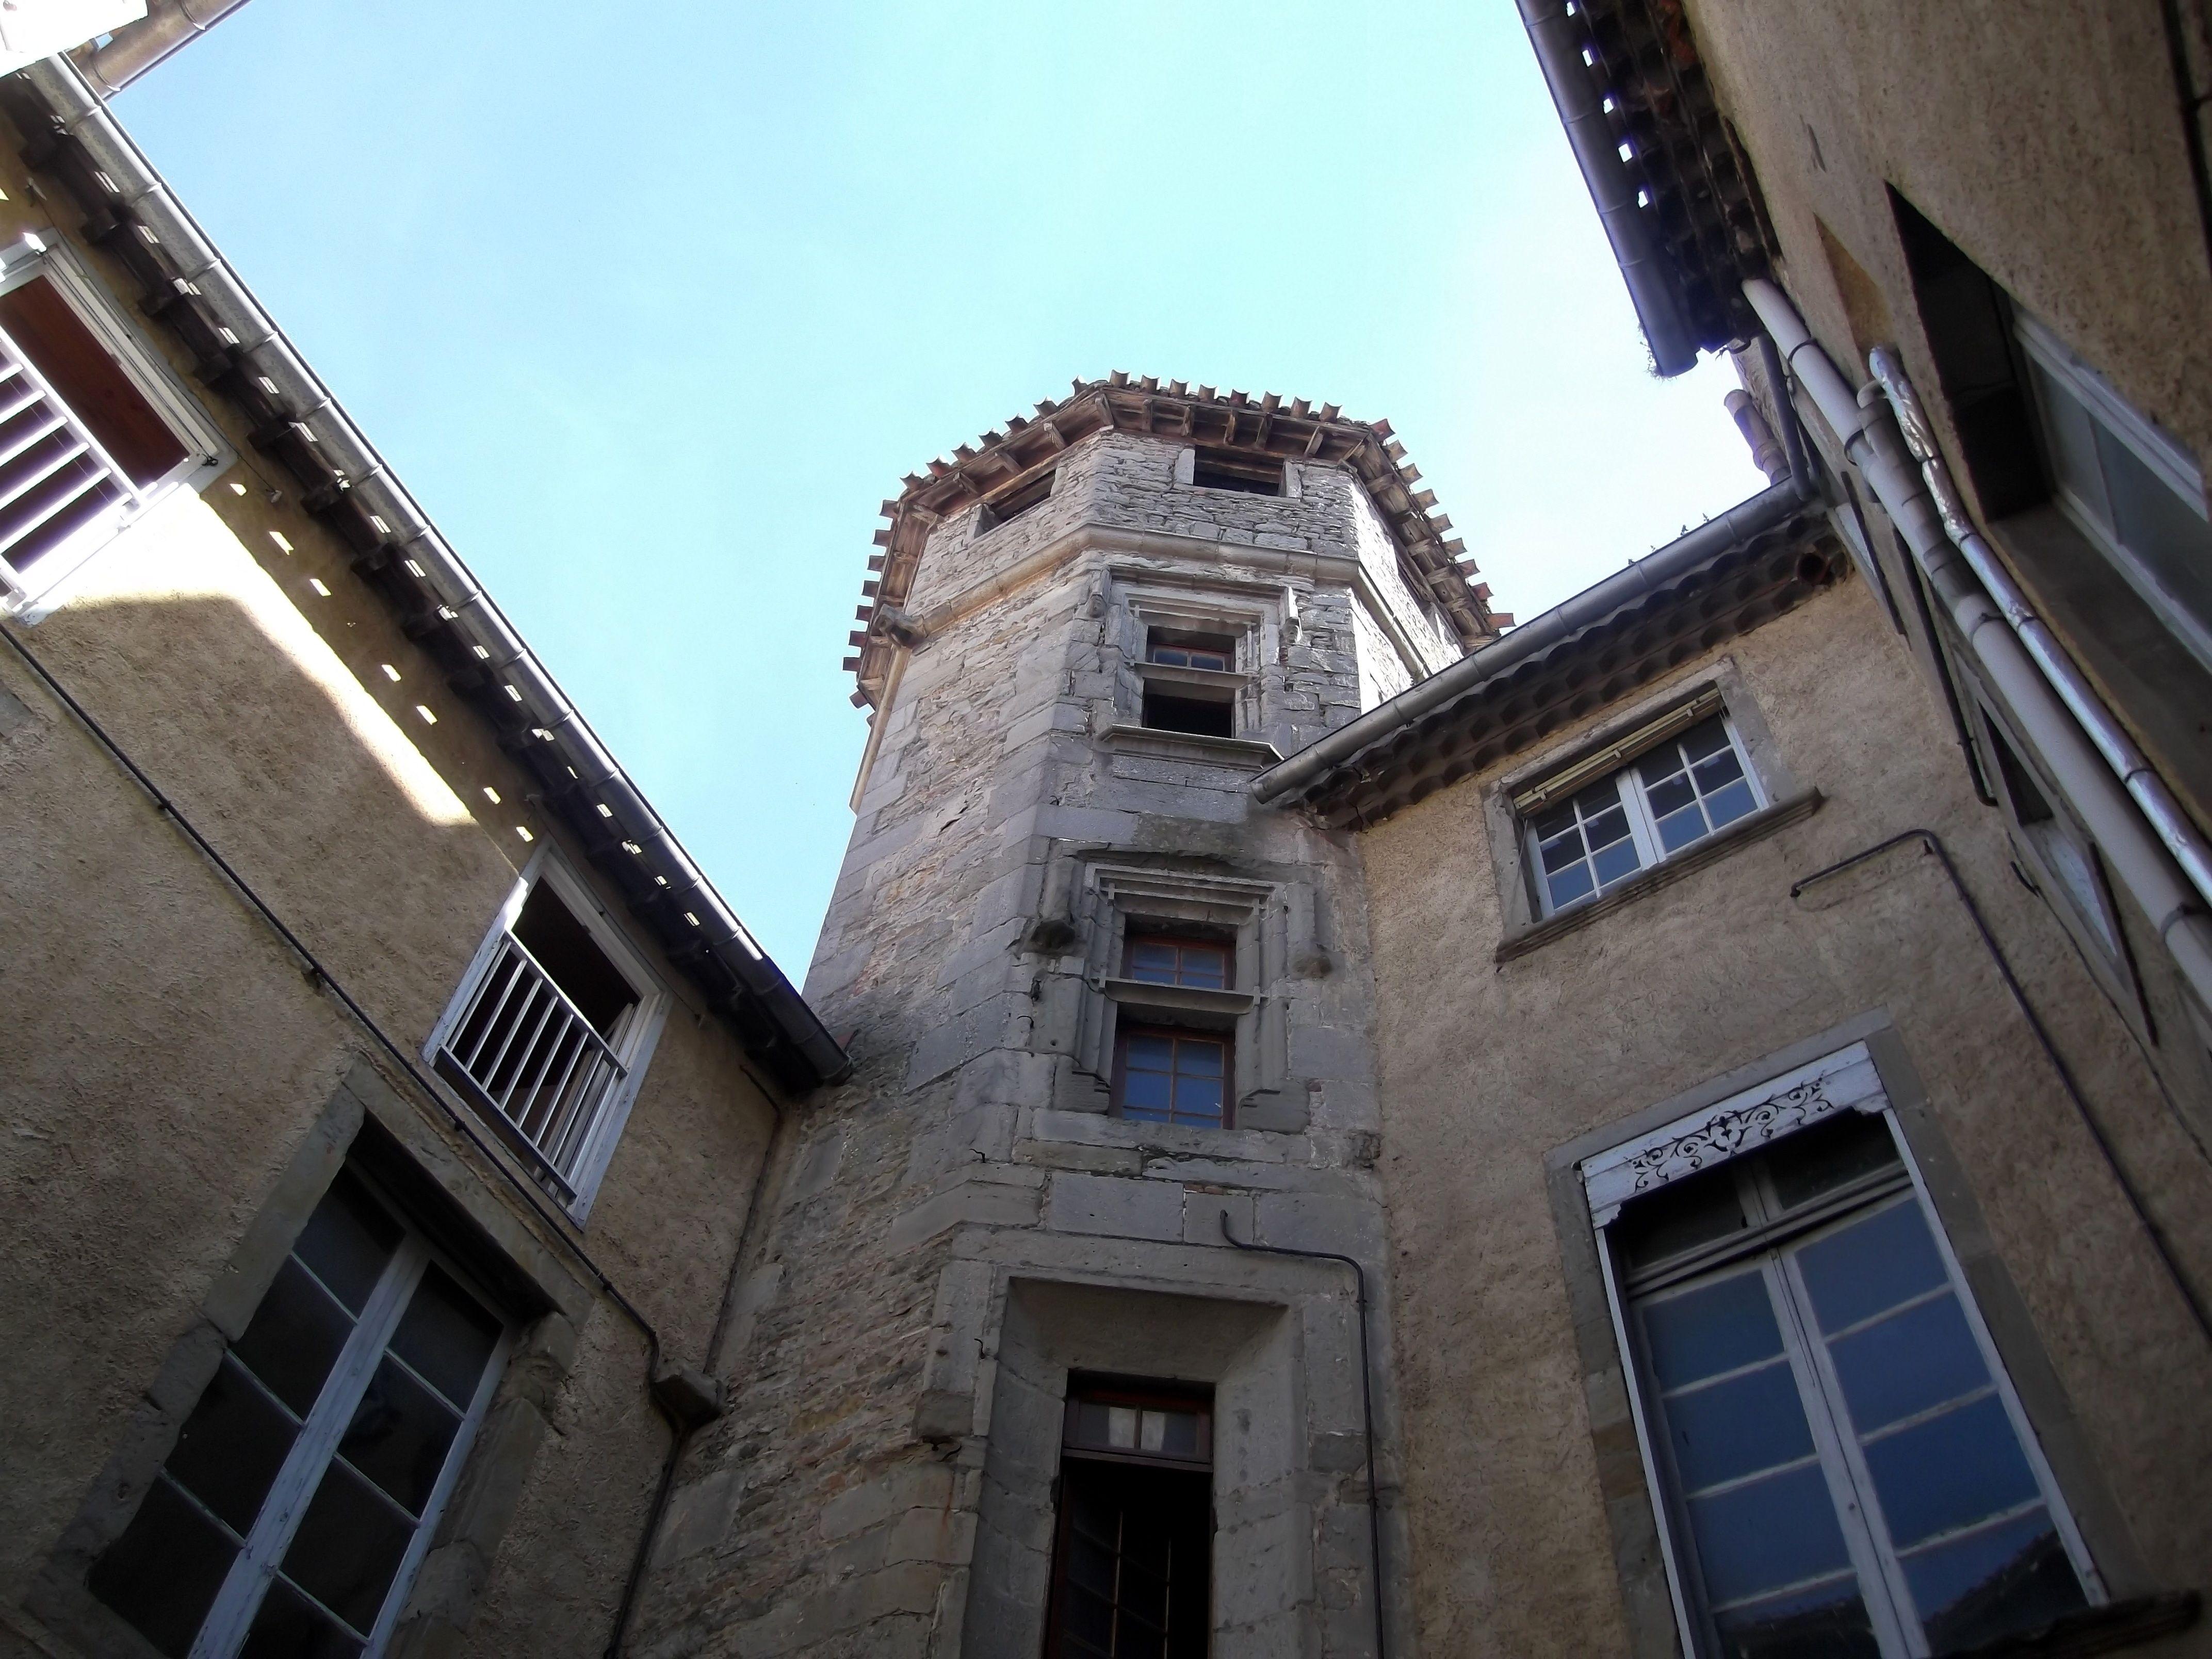 La tour hexagonale de Viguier de l'hôtel de SaintMartin